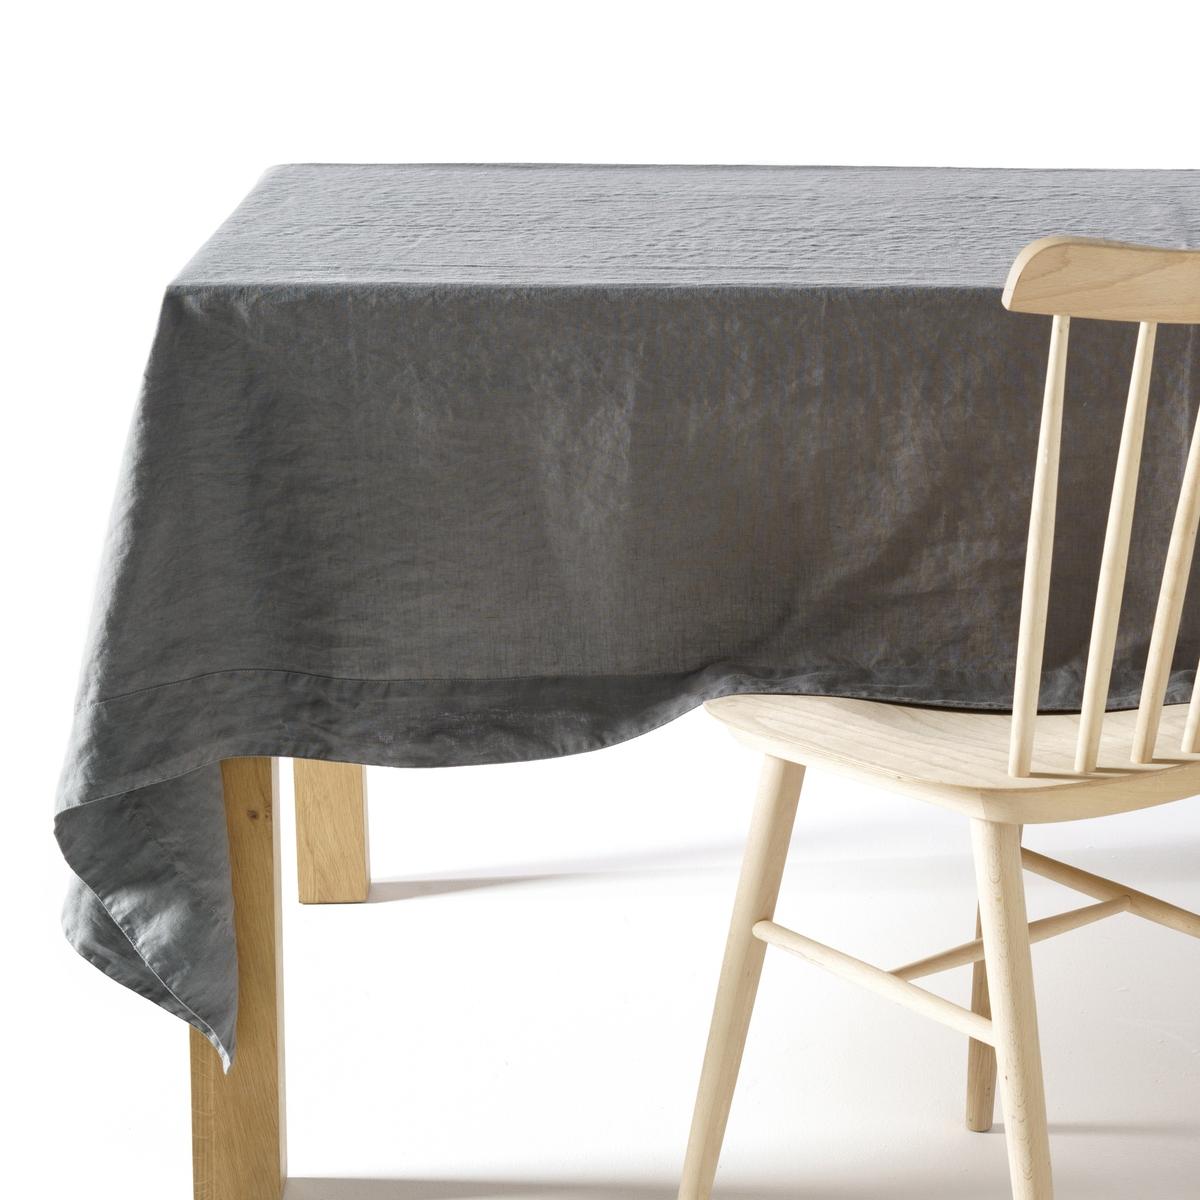 Скатерть La Redoute Из льна Linette 180 x 300 см серый скатерть wellness эстель 250 180 см